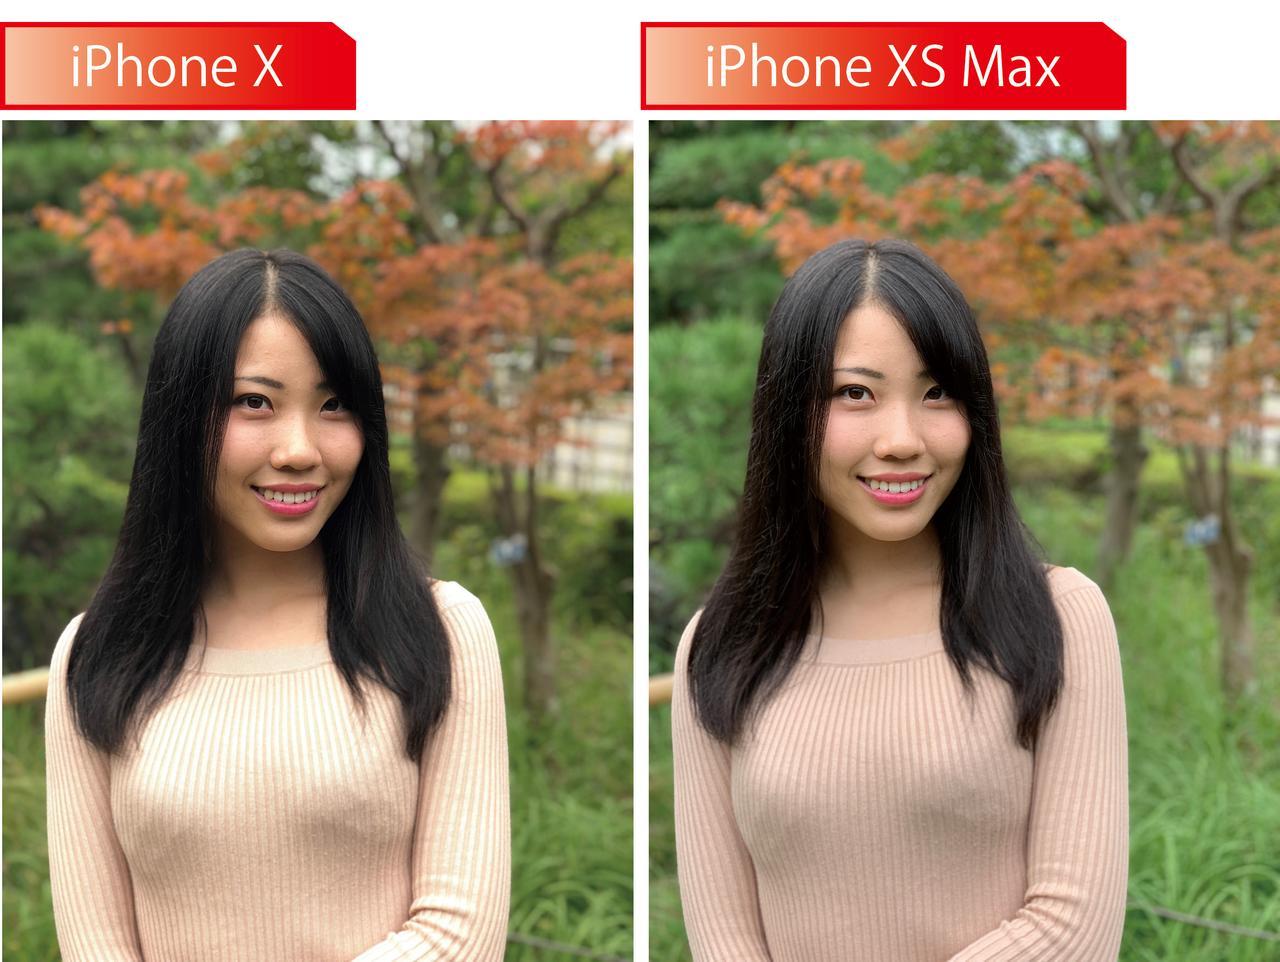 画像: XとXSのポートレートモードを比較。進化したニューラルエンジンにより、XSは肌の白飛びが明らかに減っている。また、撮影後、背景のボケ具合を自由にコントロールできるようになった。